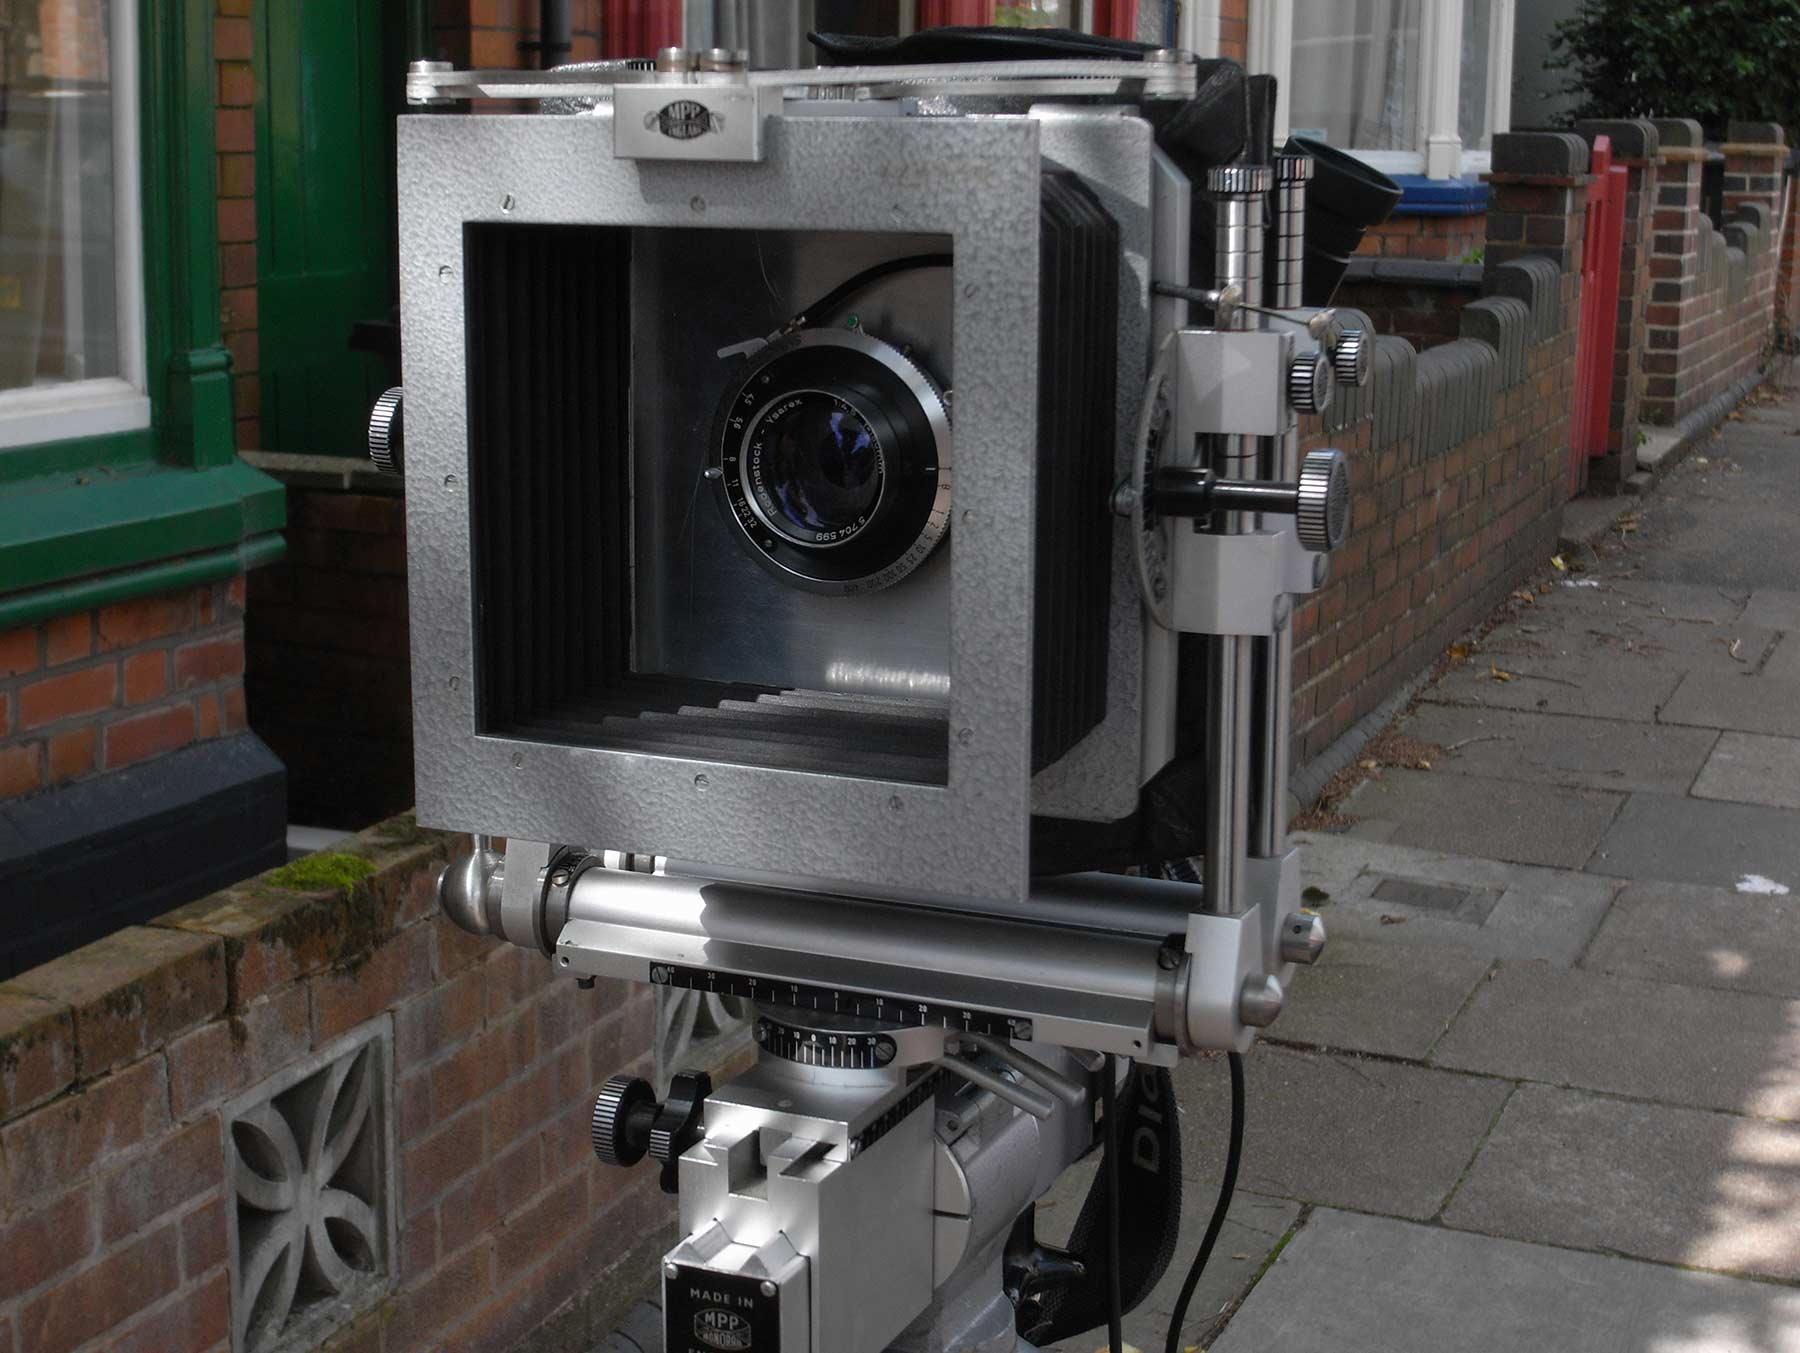 Compendium - lens hood